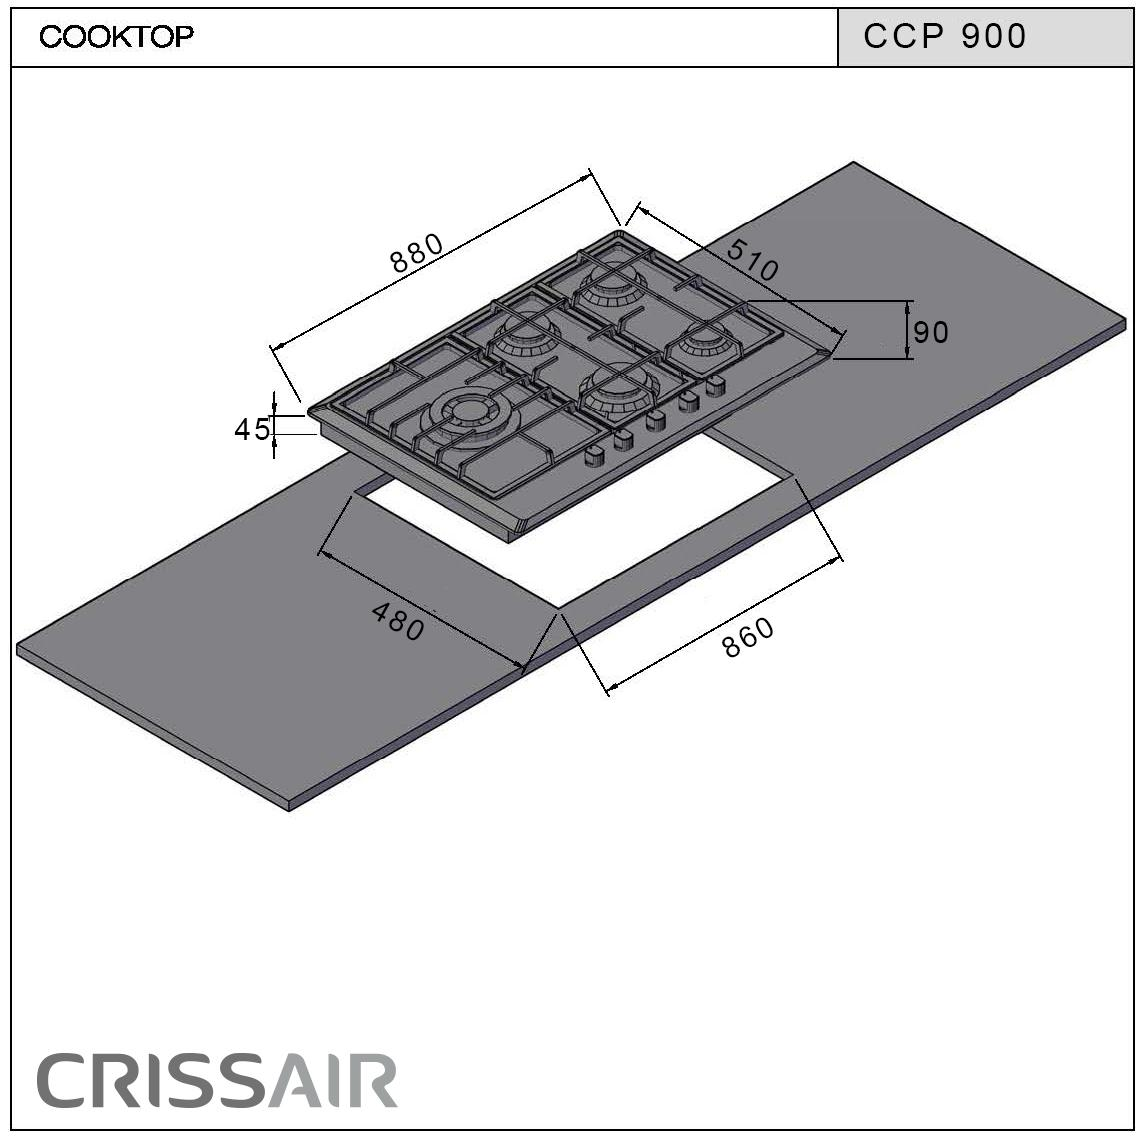 Cooktop a Gás CCP 900